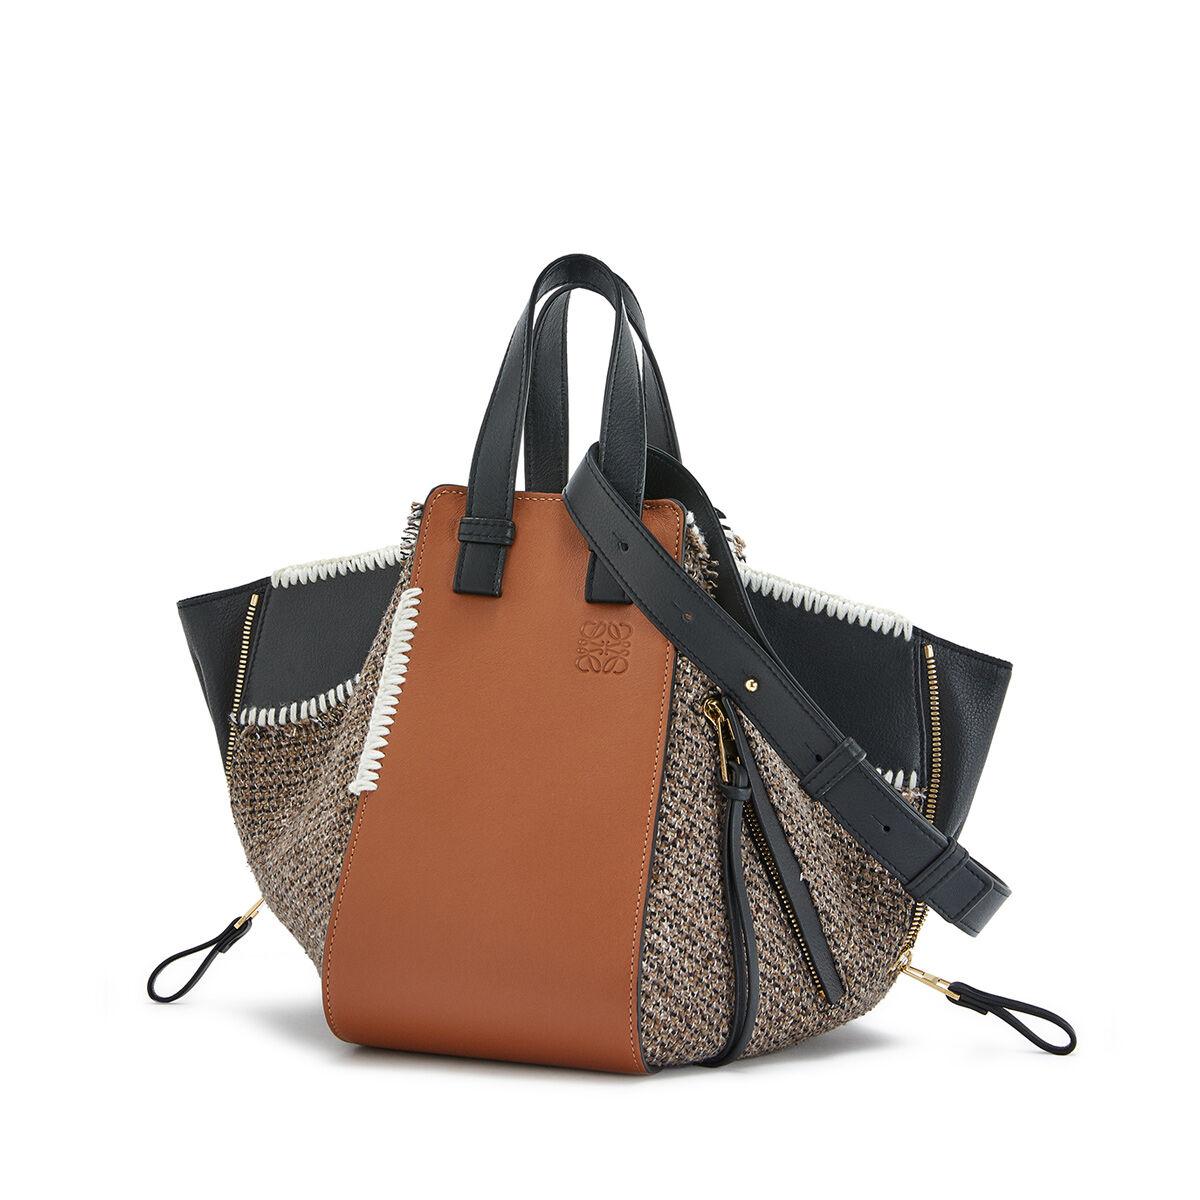 Y MujerColección 2019 Bolsos Para De Lujo Diseño Loewe Rj53L4A